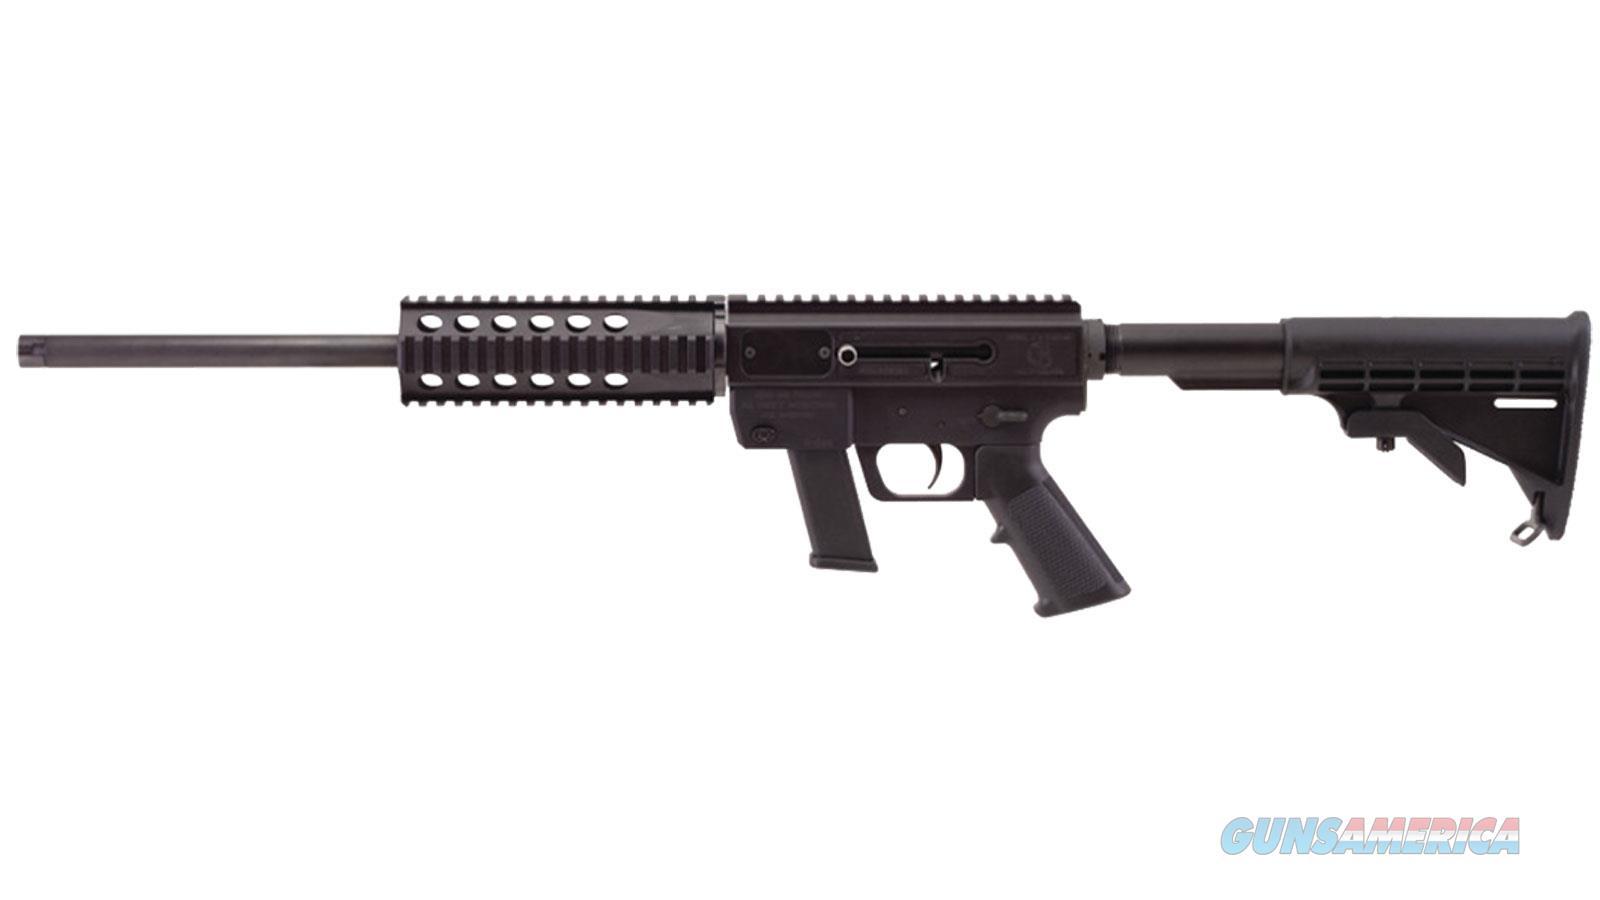 """Just Right Carbines Rifle Gen3 .45Acp 17"""" Bbl. Keymod 13Rd Glock Mag Black JRC45G3-TB/BL  Guns > Rifles > IJ Misc Rifles"""